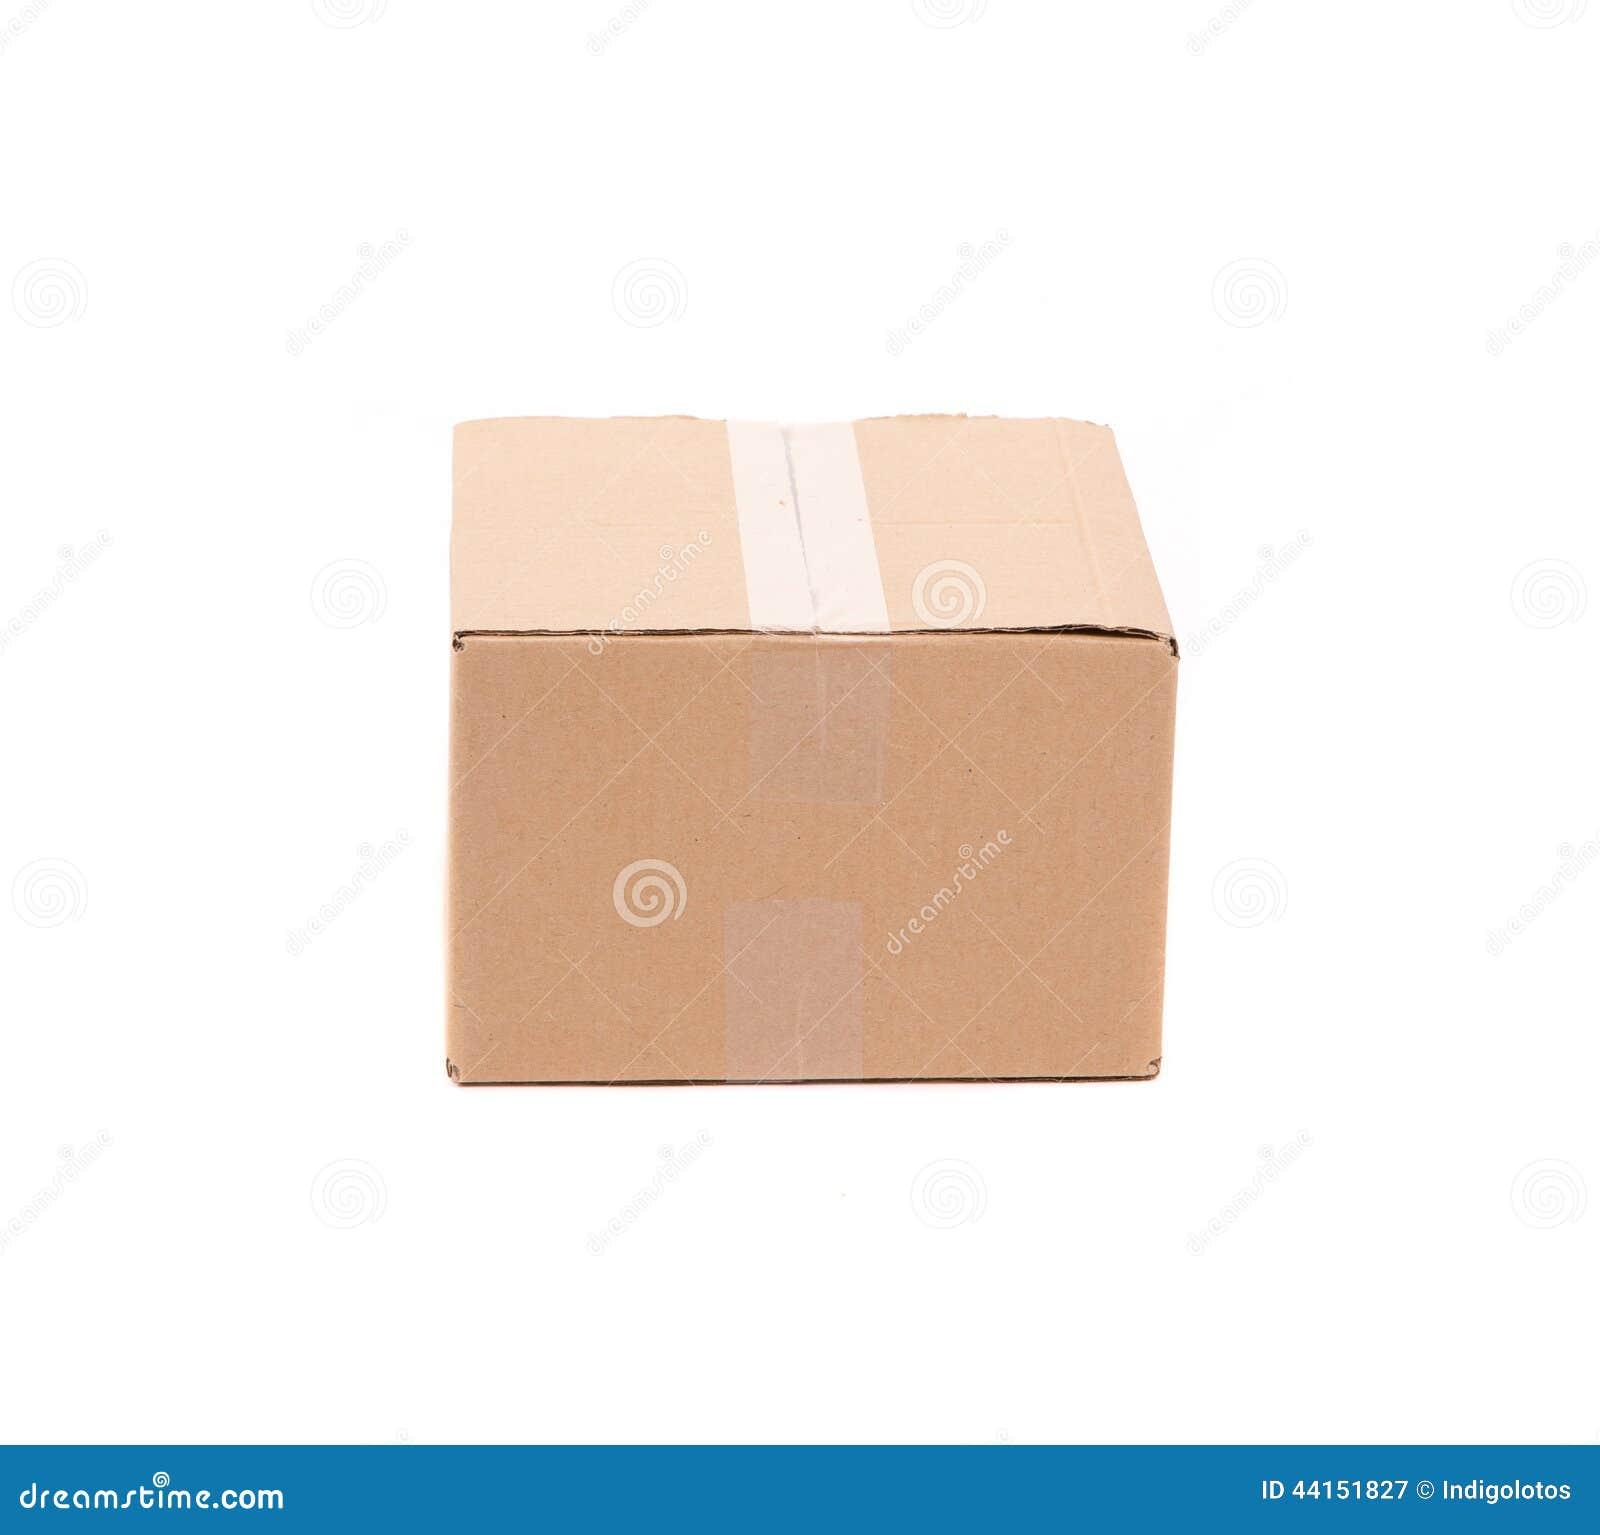 Einfacher Brauner Kartonkasten Stockbild - Bild von rahmen, pappe ...